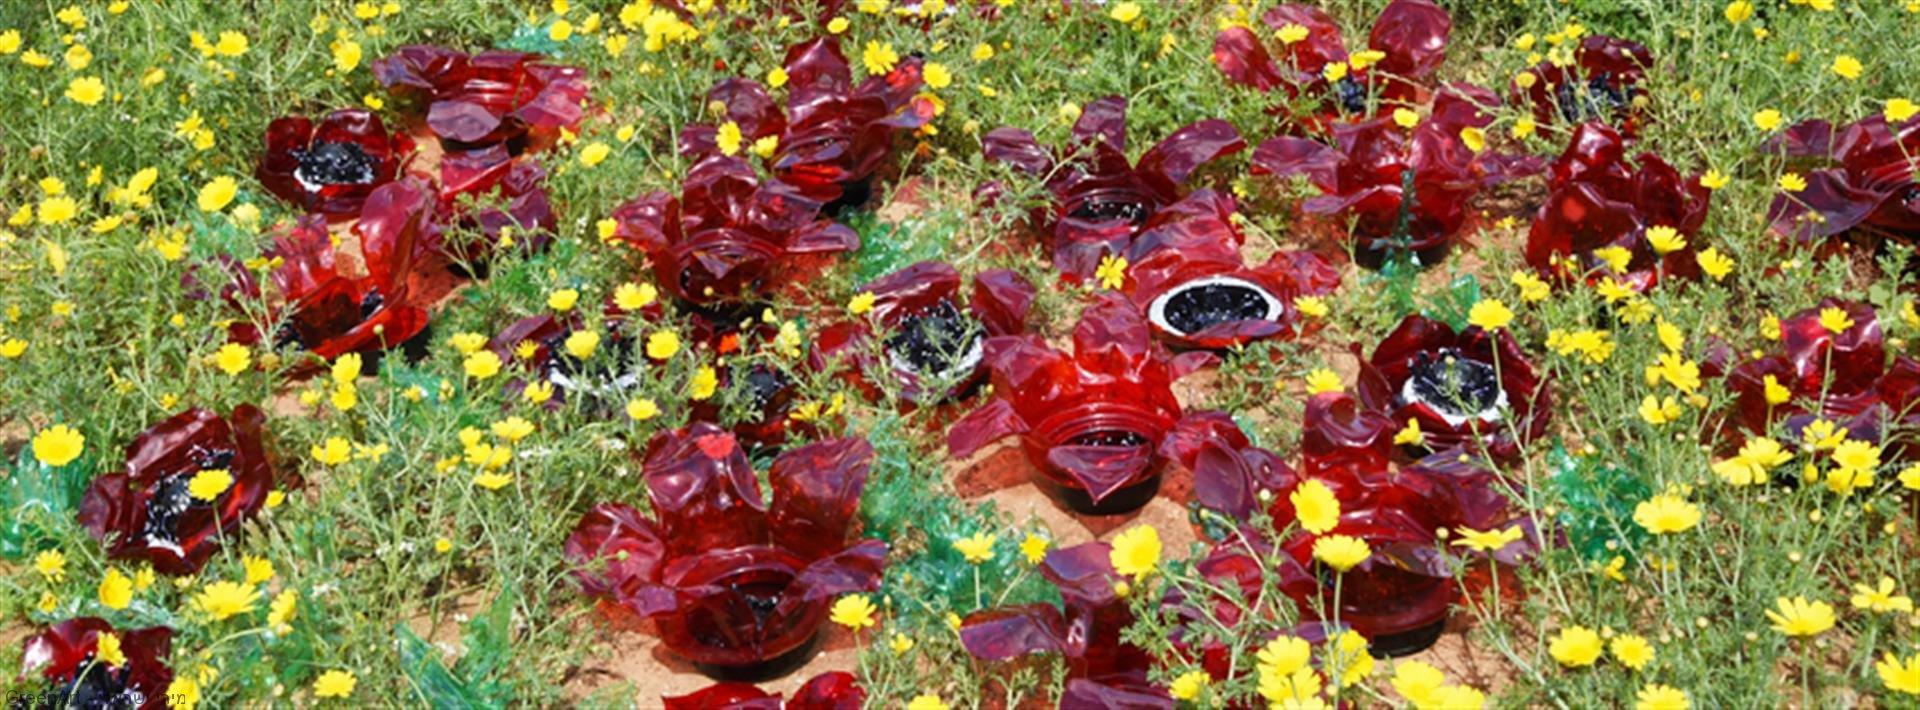 שדה כלניות ופרגים לשימור השטחים הפתוחים לפרחי הבר בנוף מולדת